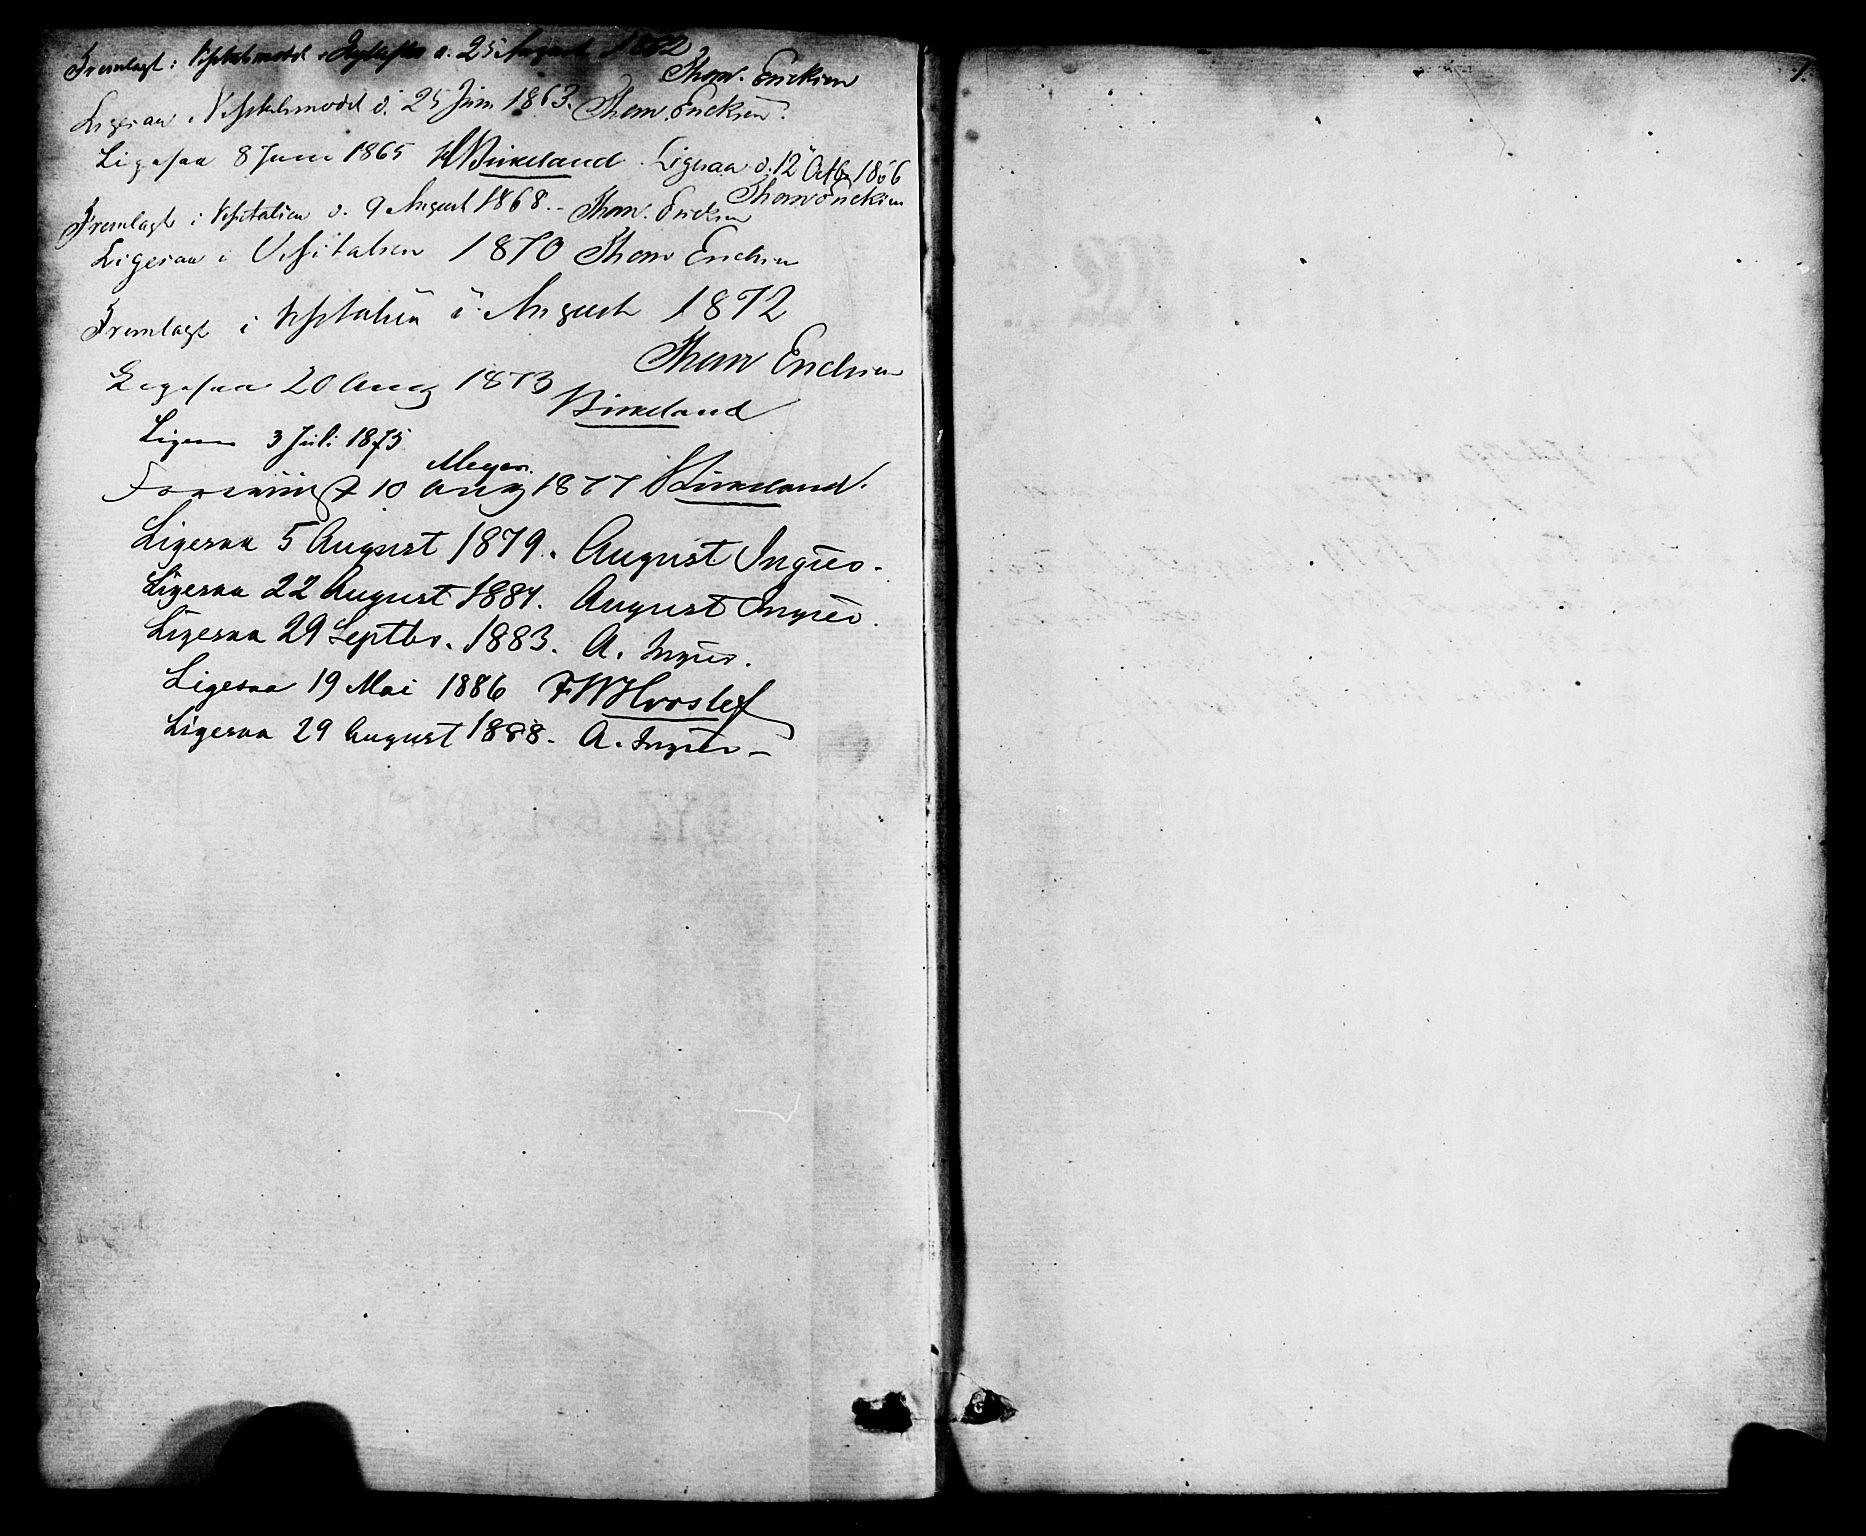 SAB, Hyllestad Sokneprestembete, Ministerialbok nr. A 1, 1861-1886, s. 1